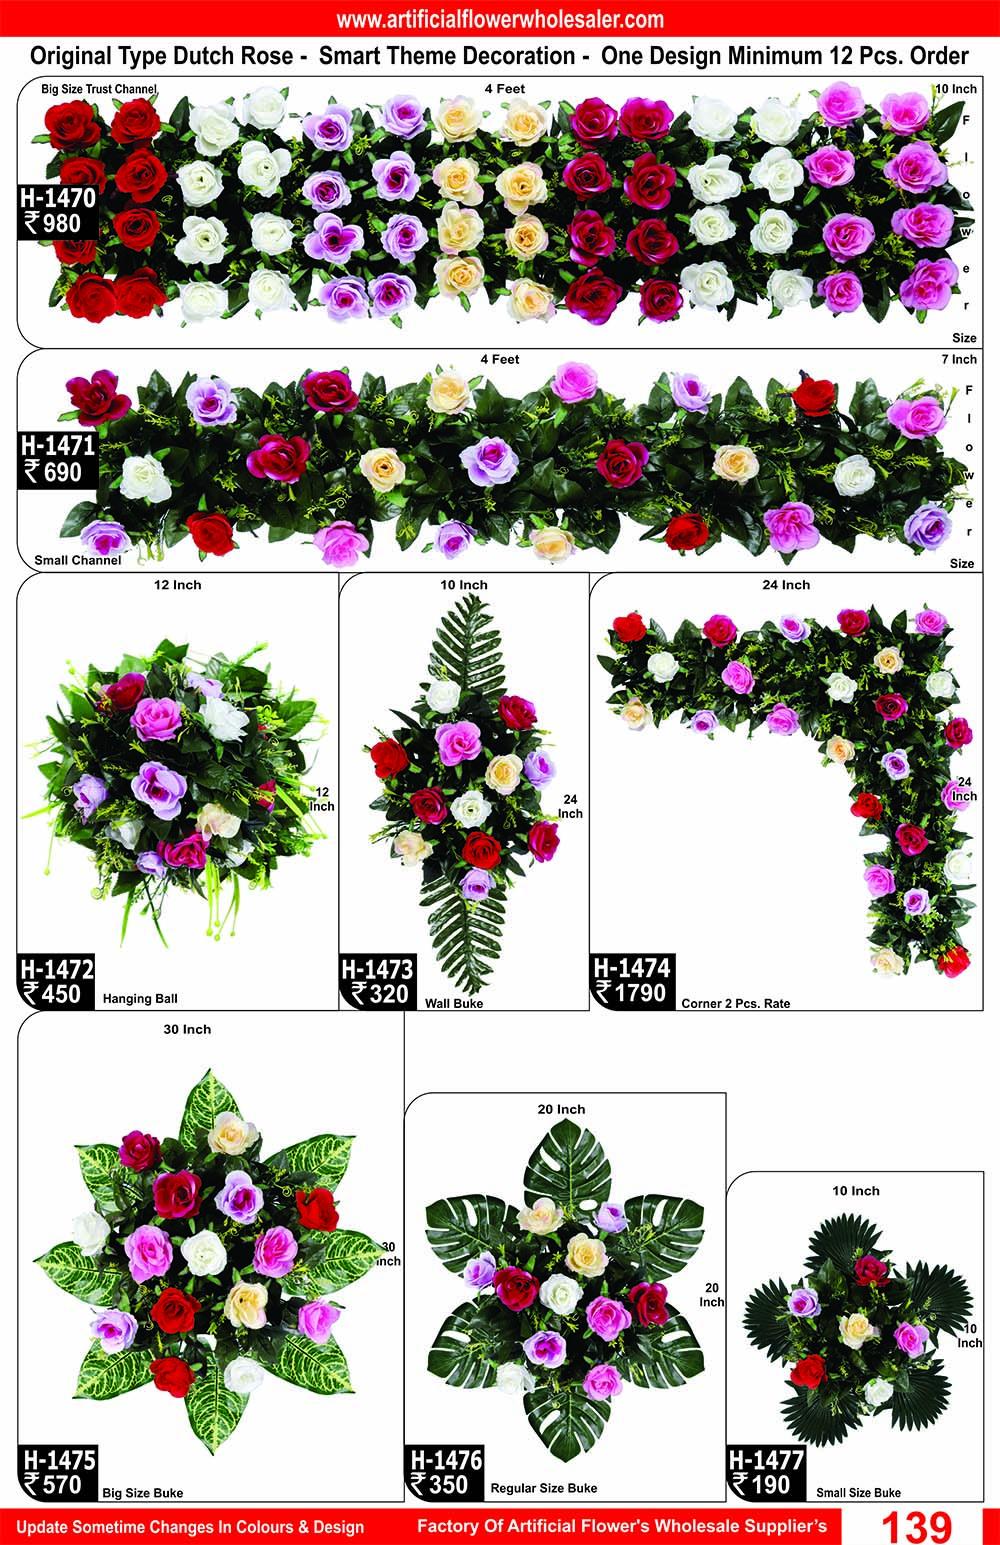 139-artificial-flower-wholesaler